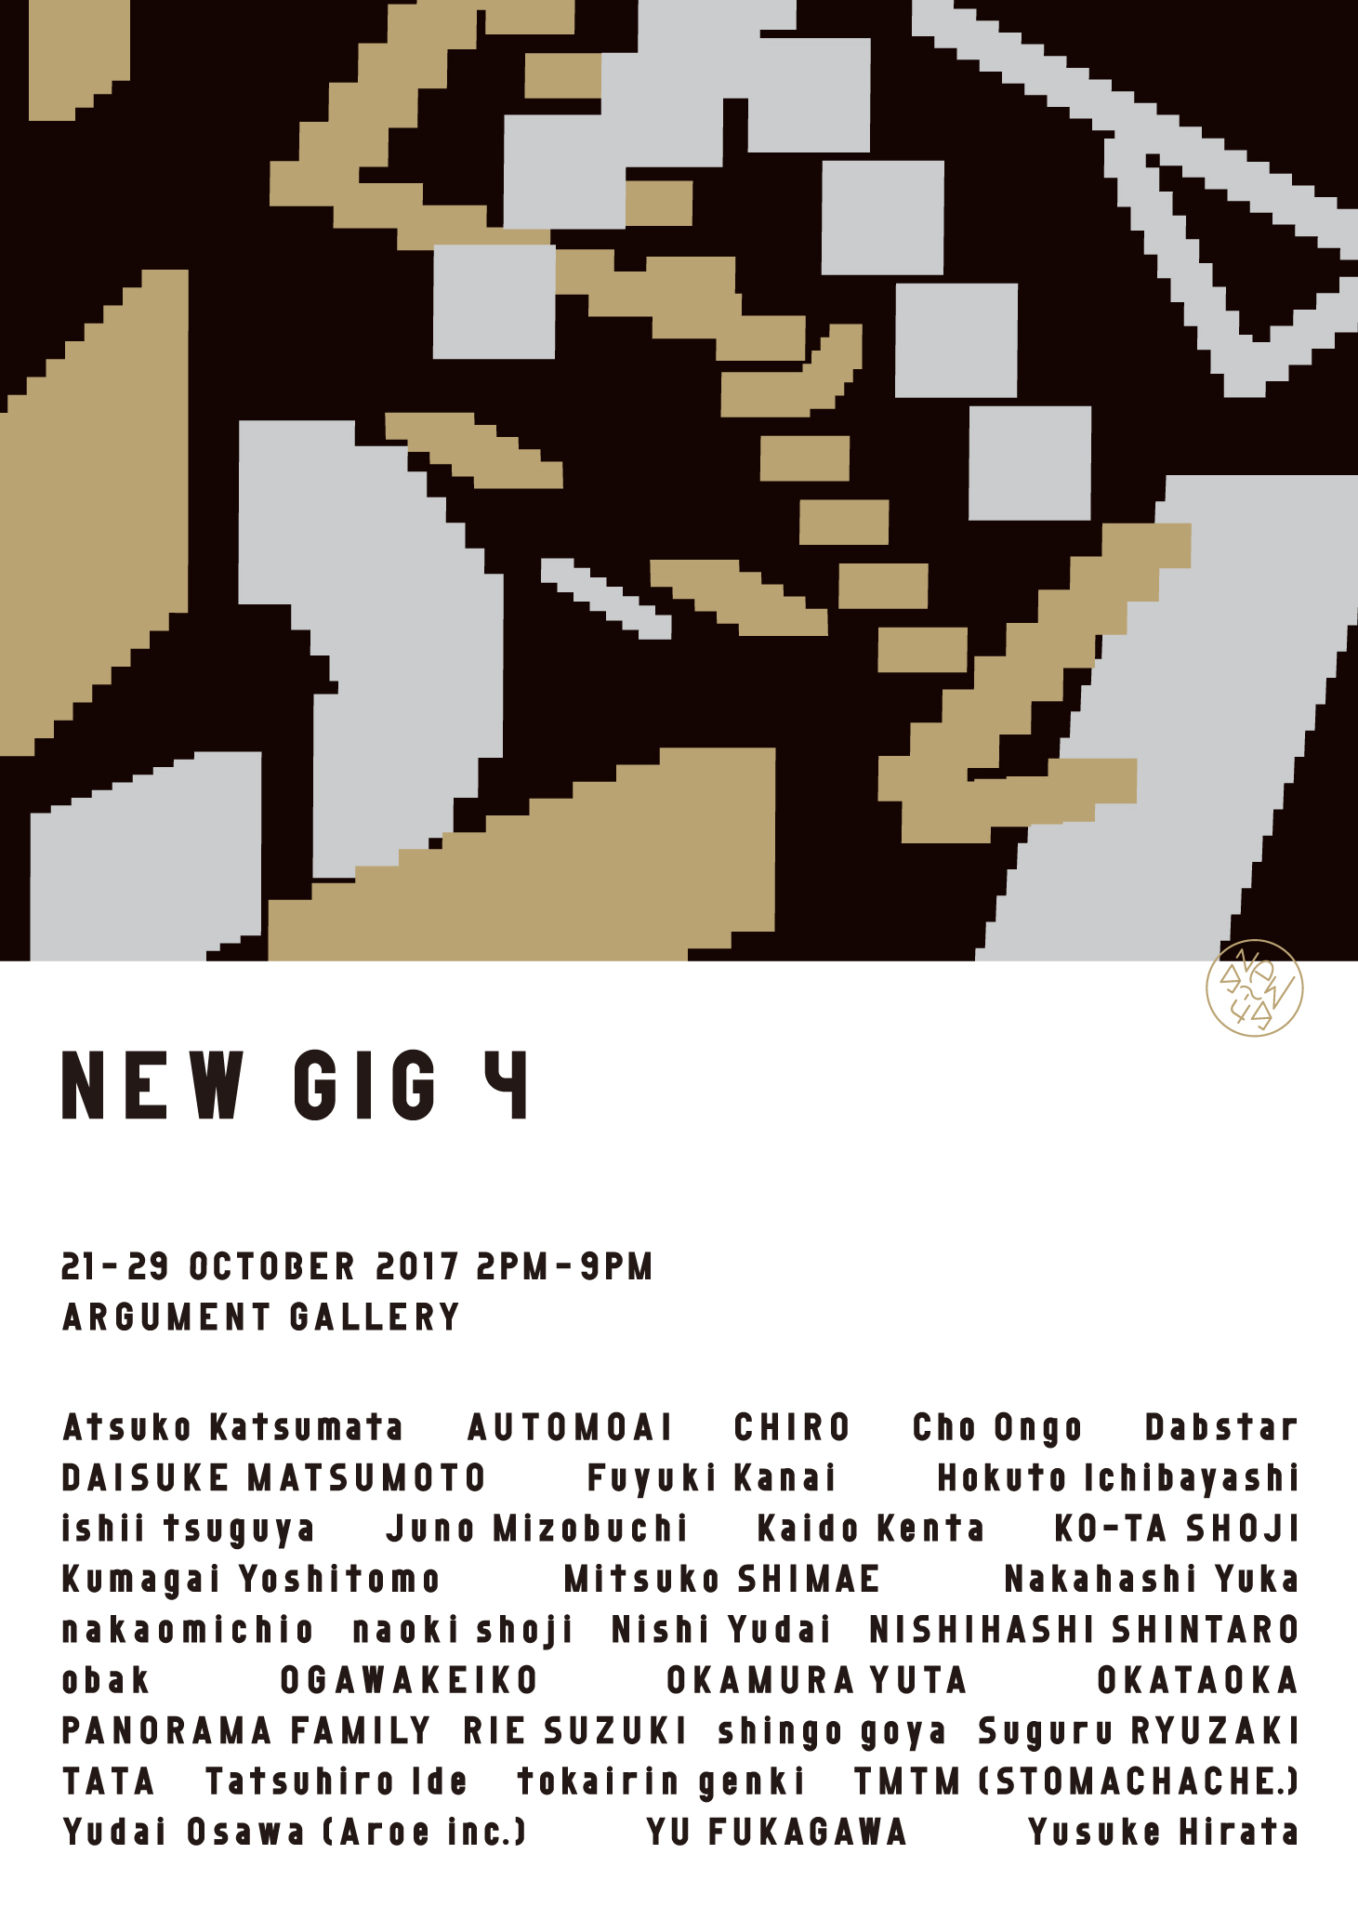 """""""NEW GIG 4"""" 2017.10.21 Sat - 10.29 Sun"""